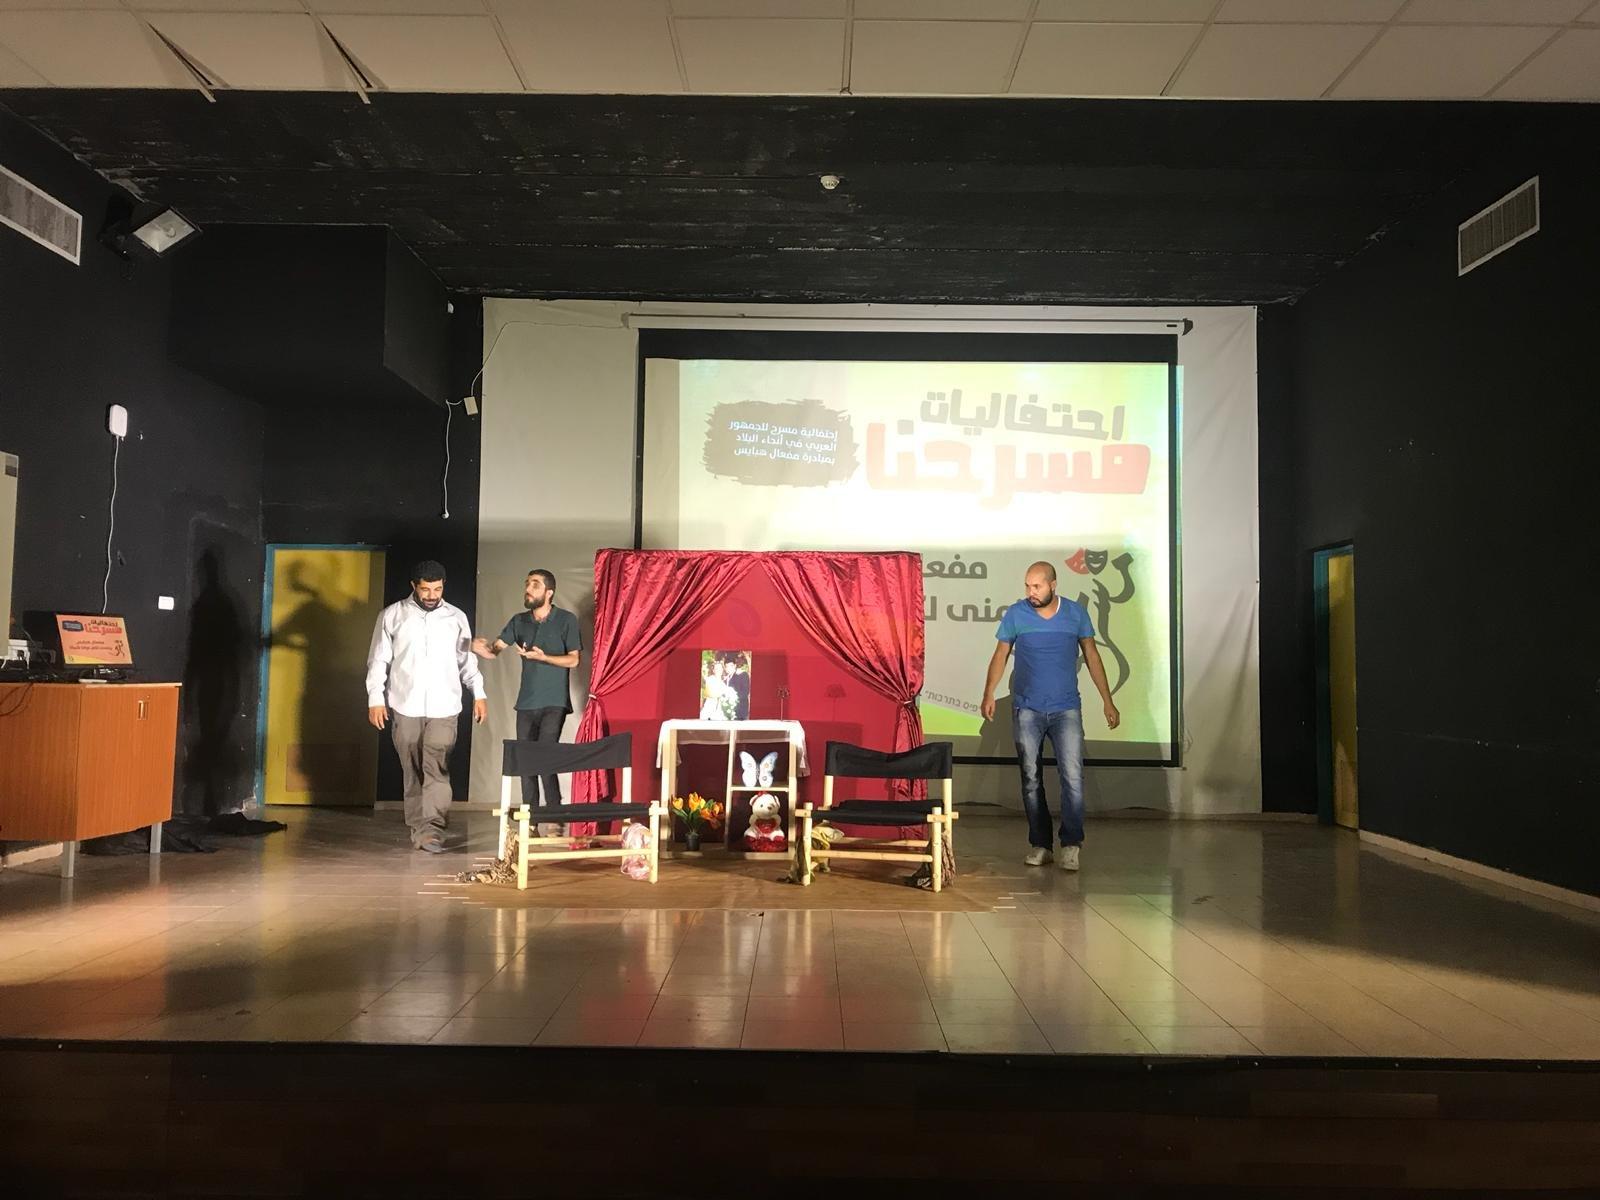 احتفاليات مسرحنا هذا الشهر أيضا يمكنكم مواصلة الاستمتاع بعشرات من العروض المسرحية باللغة العربية